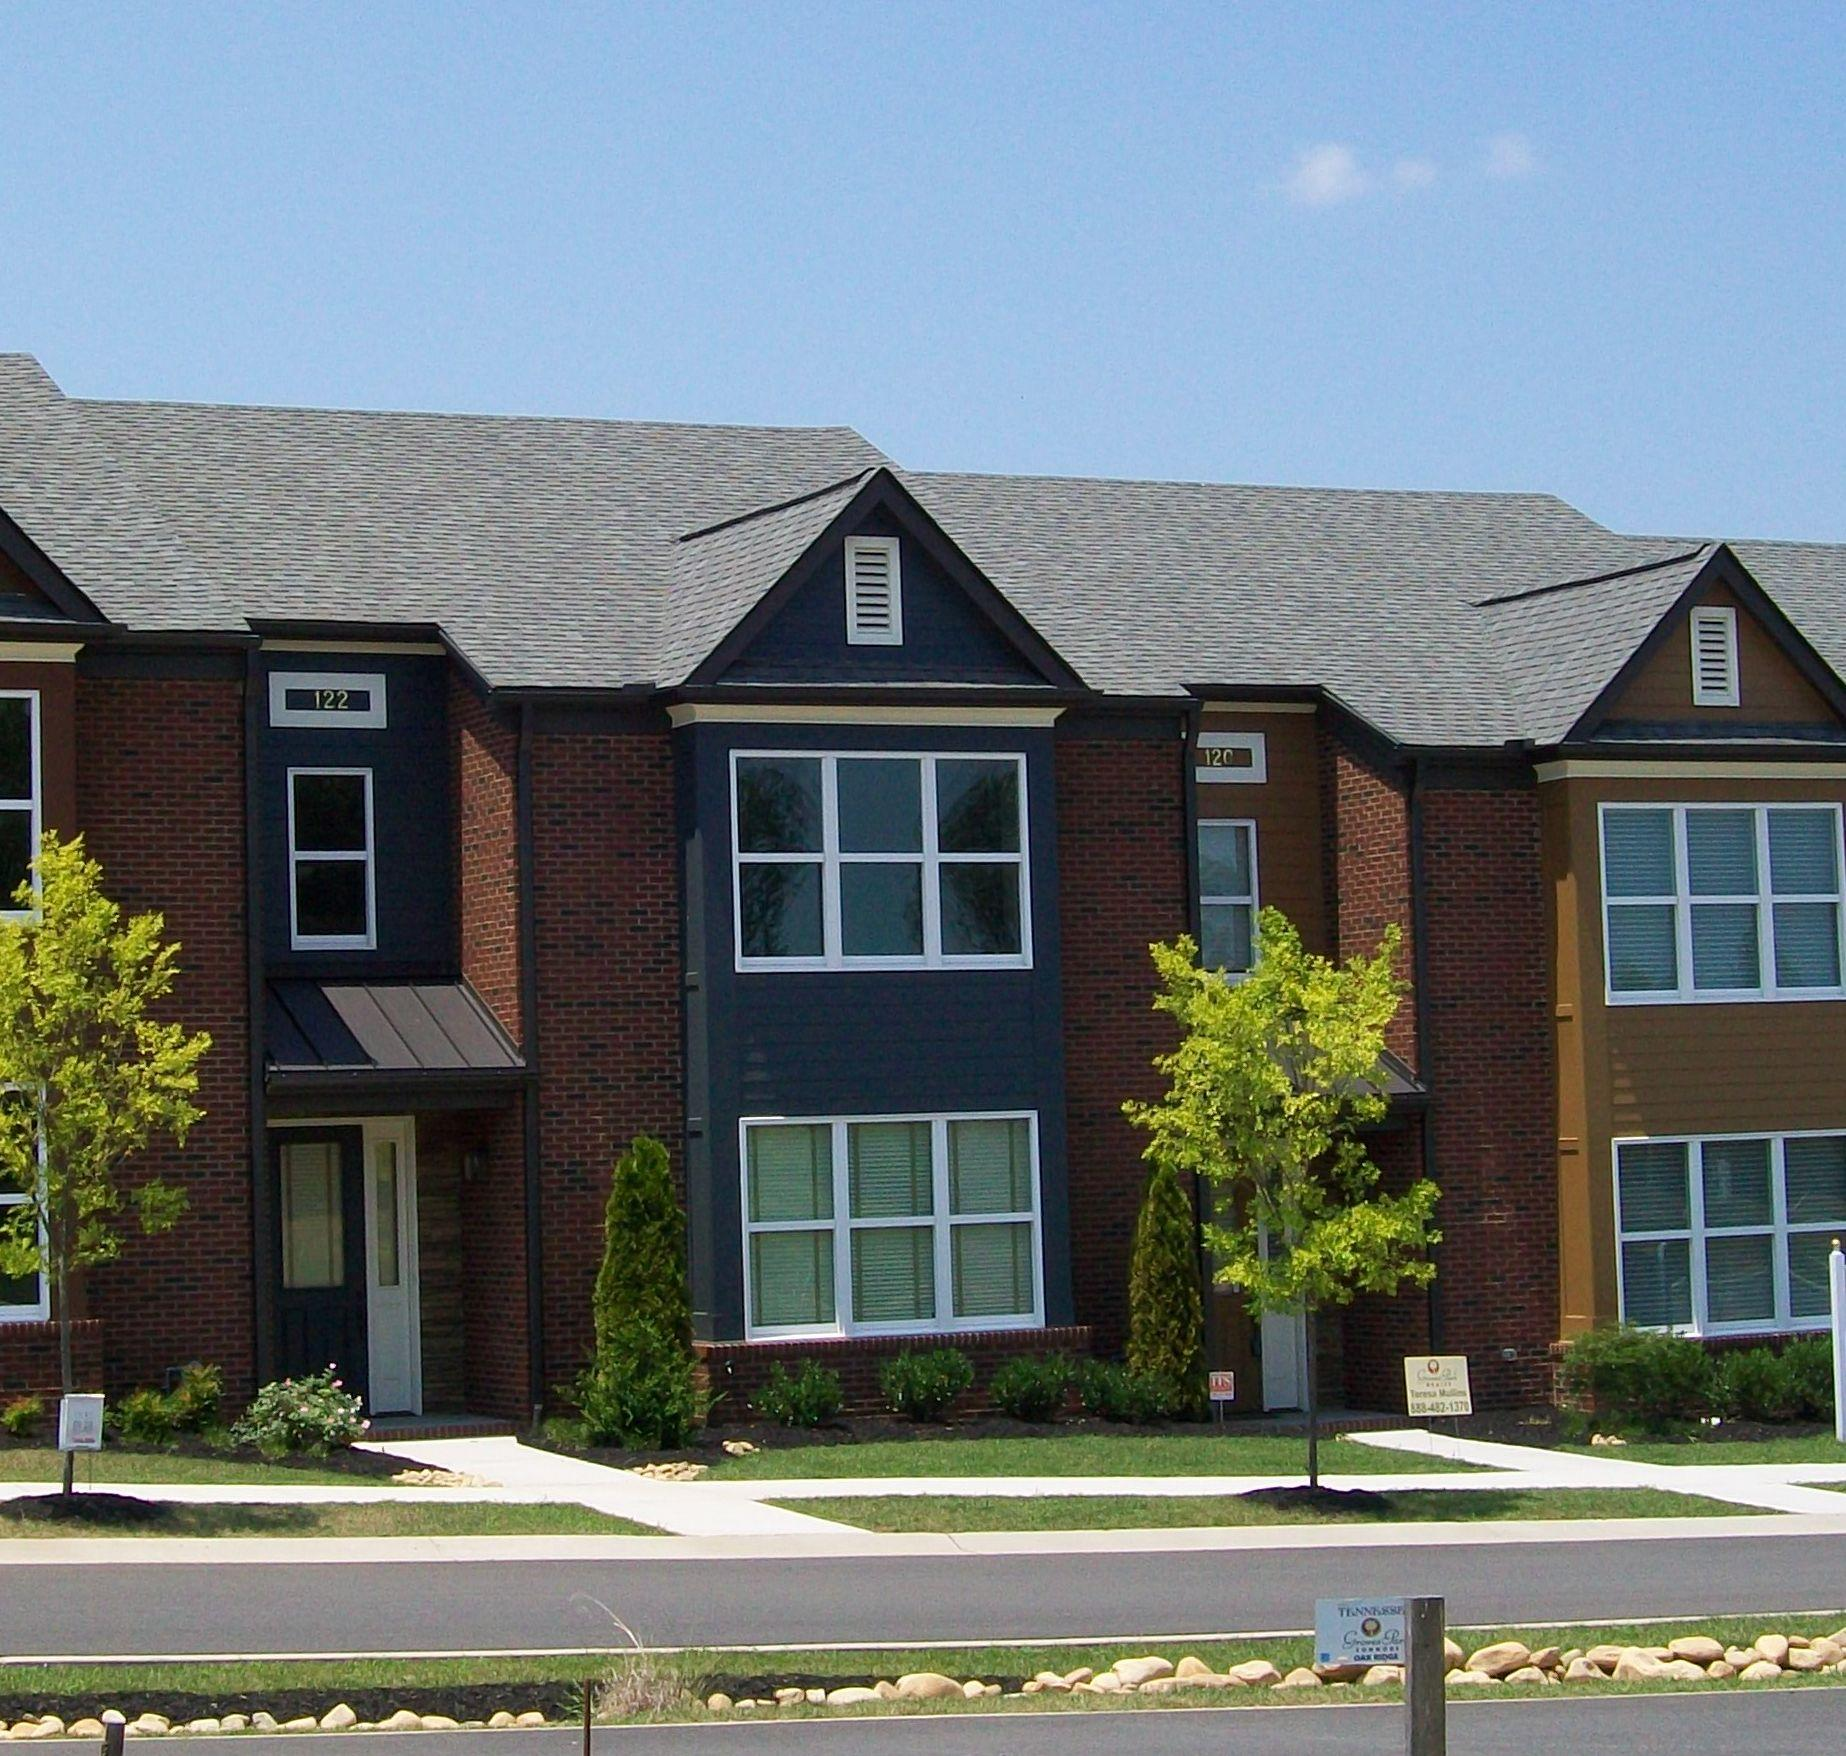 118 E Groves Park Blvd, Oak Ridge, TN 37830